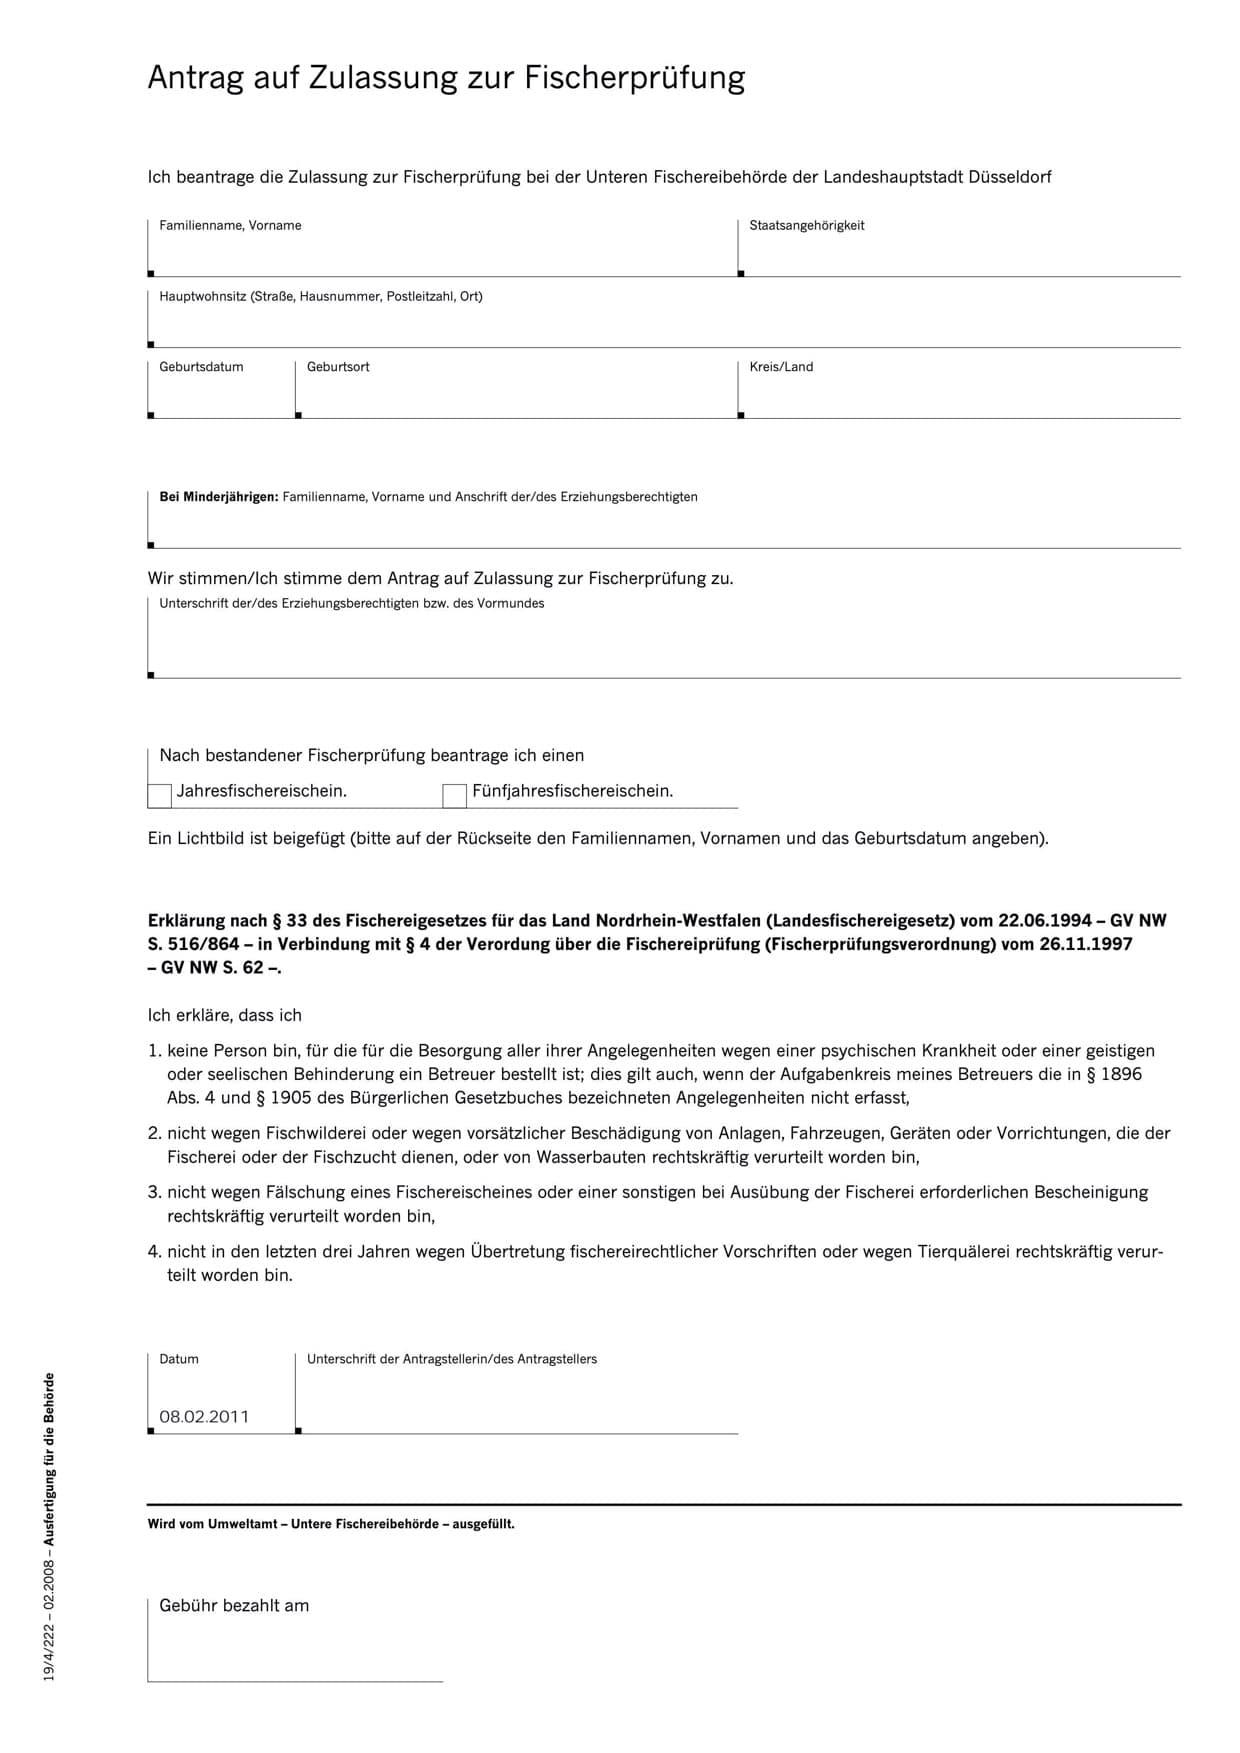 Antrag auf Zulassung zur Fischerprüfung Landeshauptstadt Düsseldorf